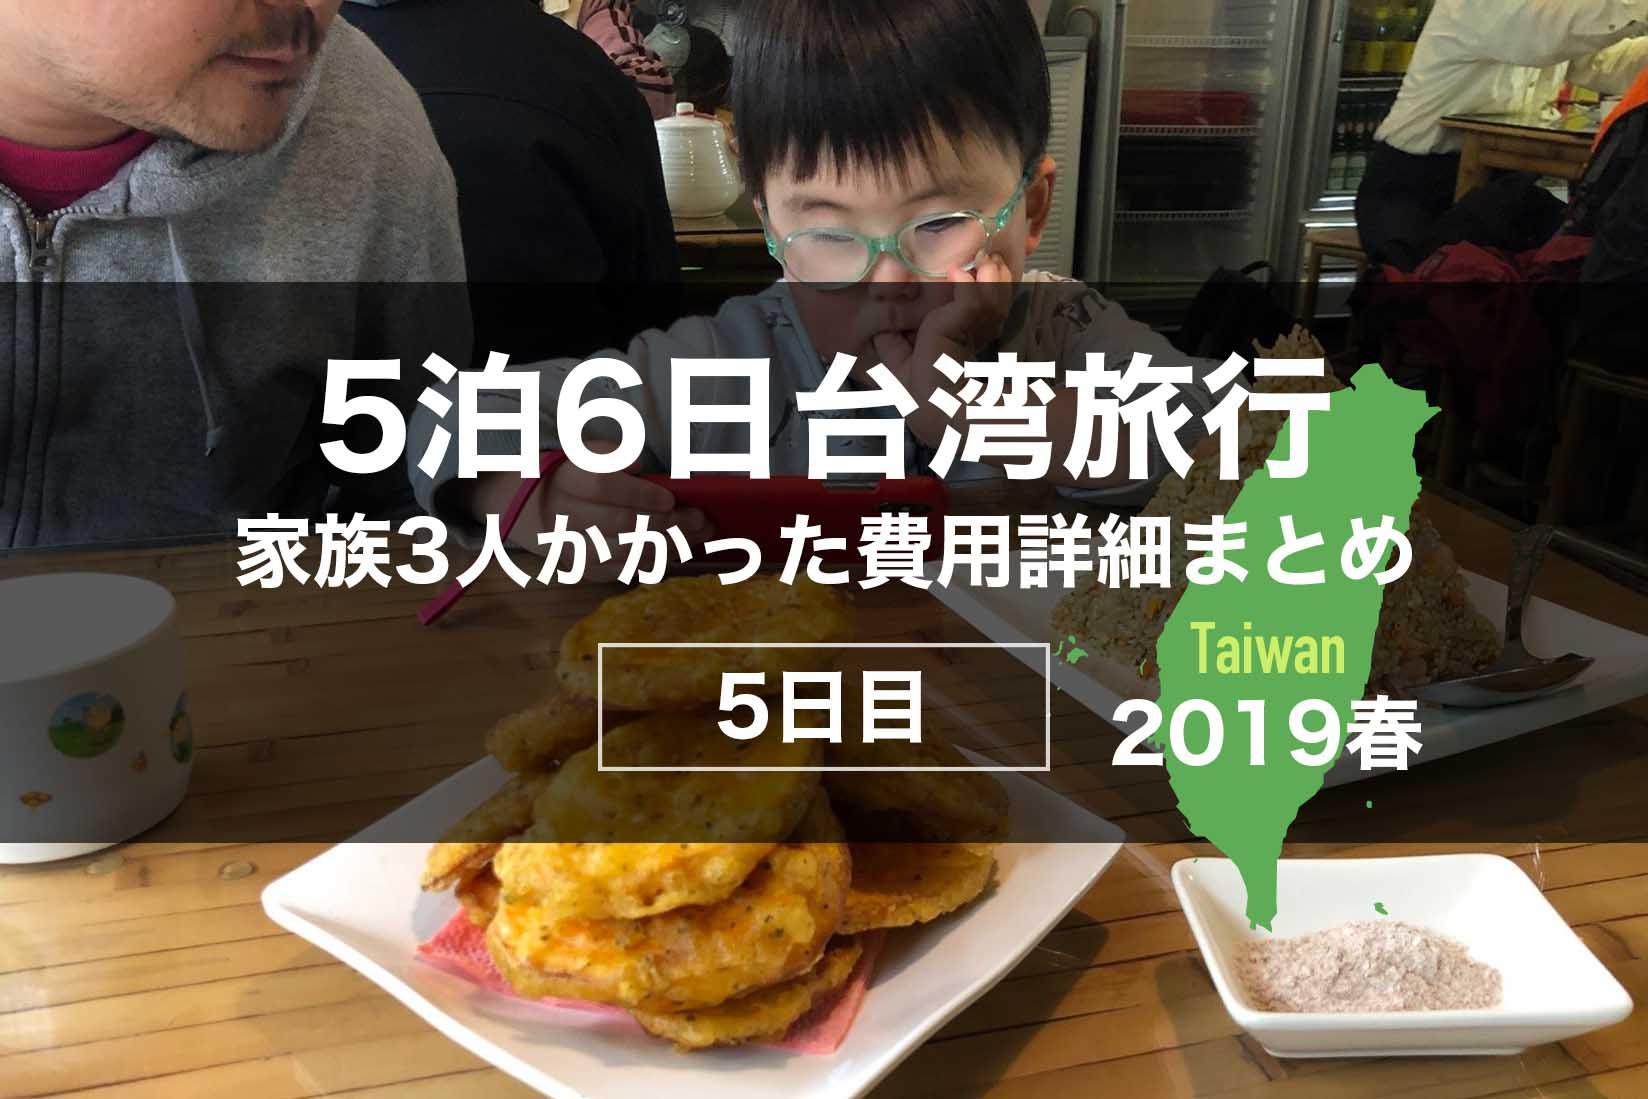 台湾旅行まとめ5日目